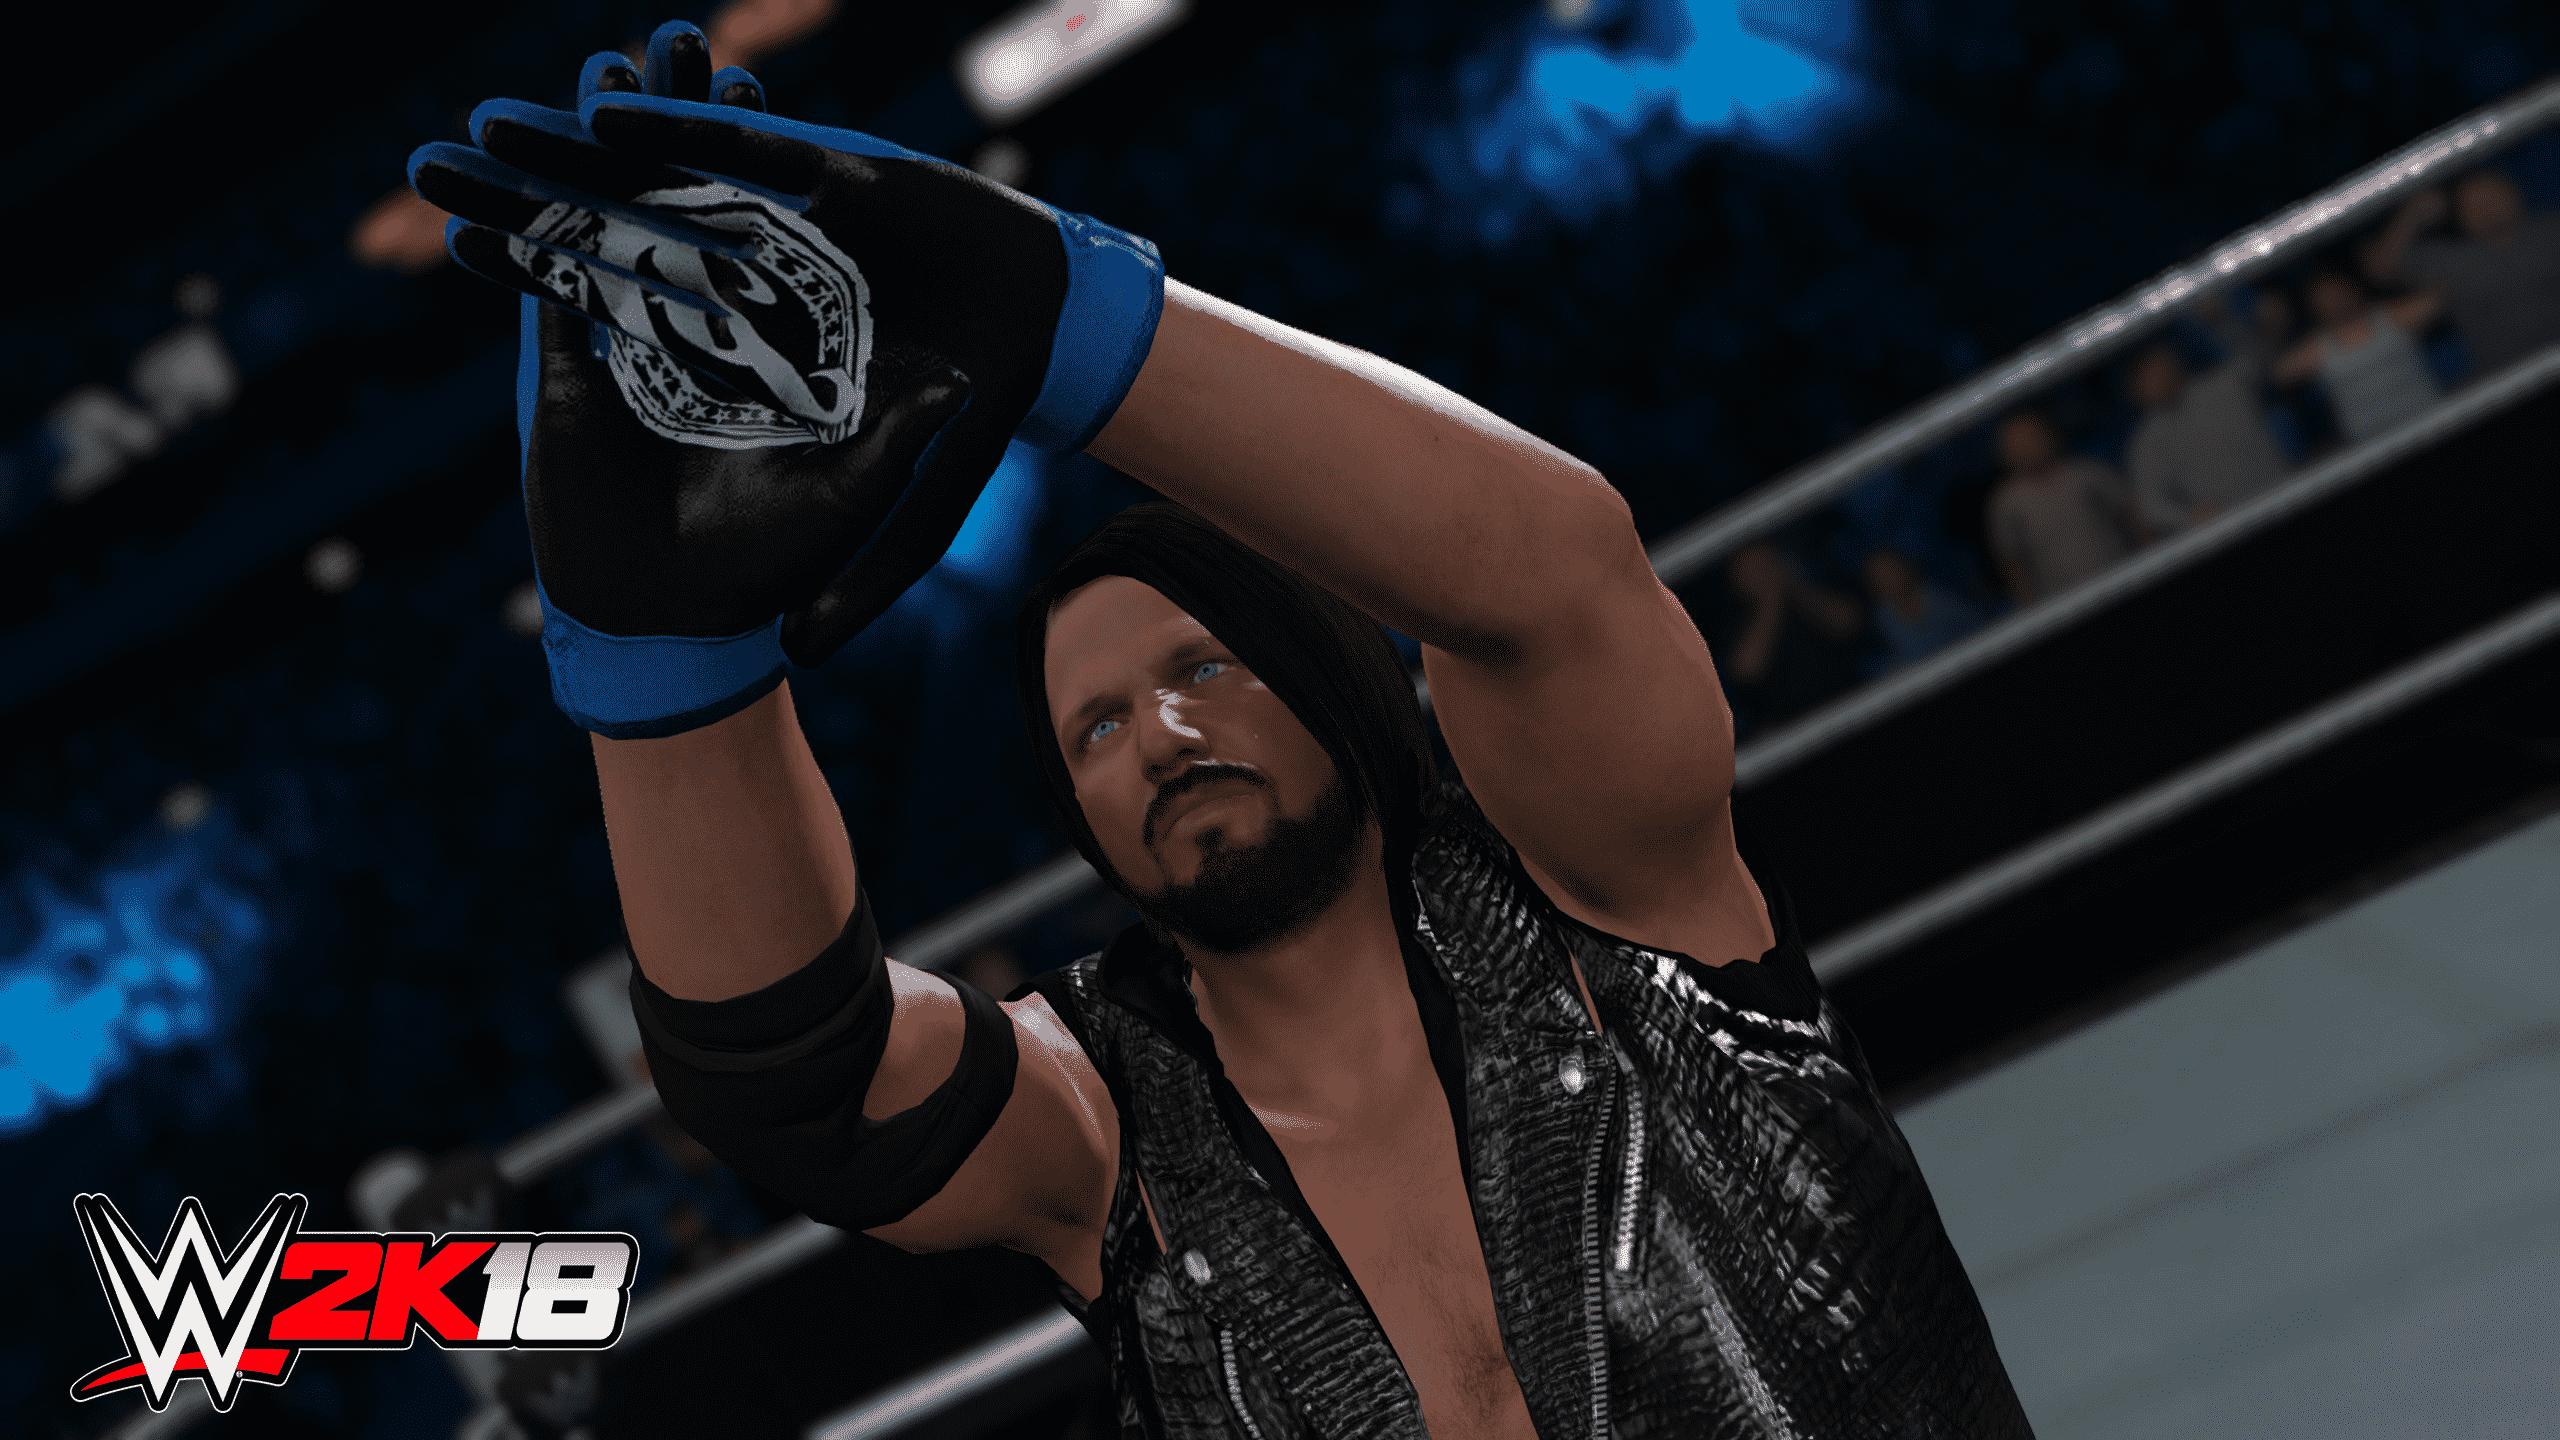 WWE 2K18 at E3